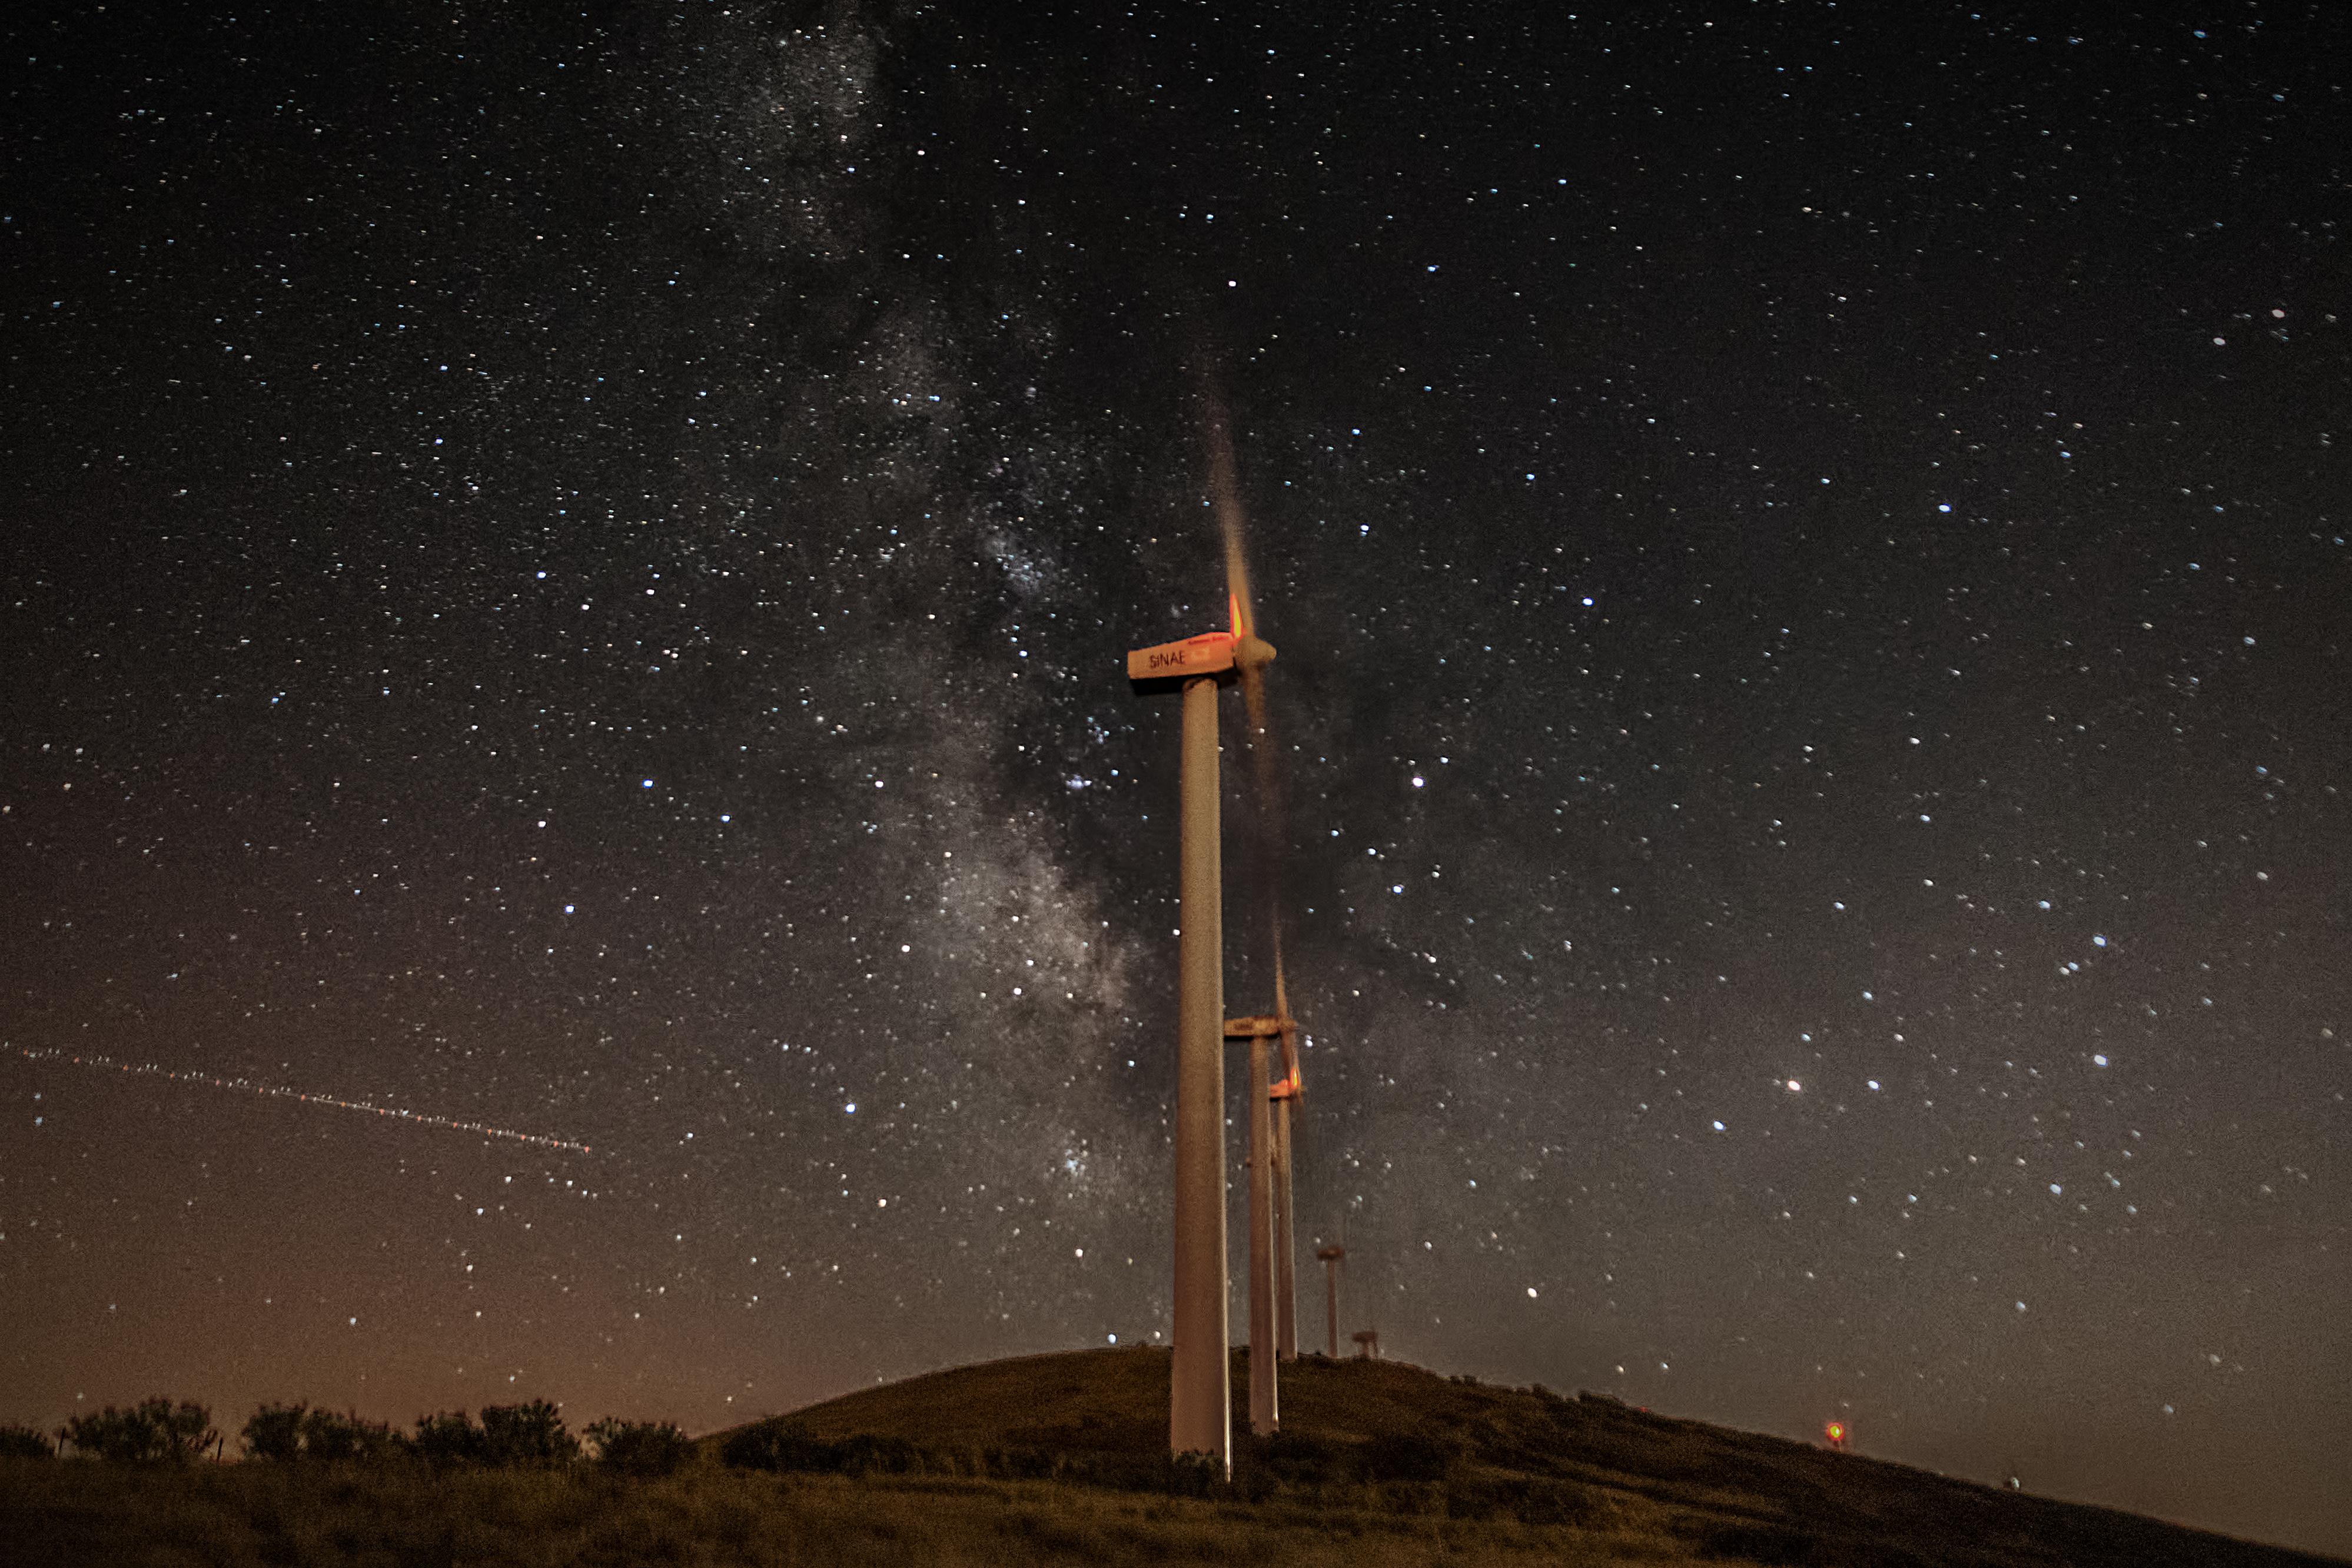 Vía de los molinos que fabrican estrellas V%C3%ADa%20l%C3%A1ctea%20molinos1